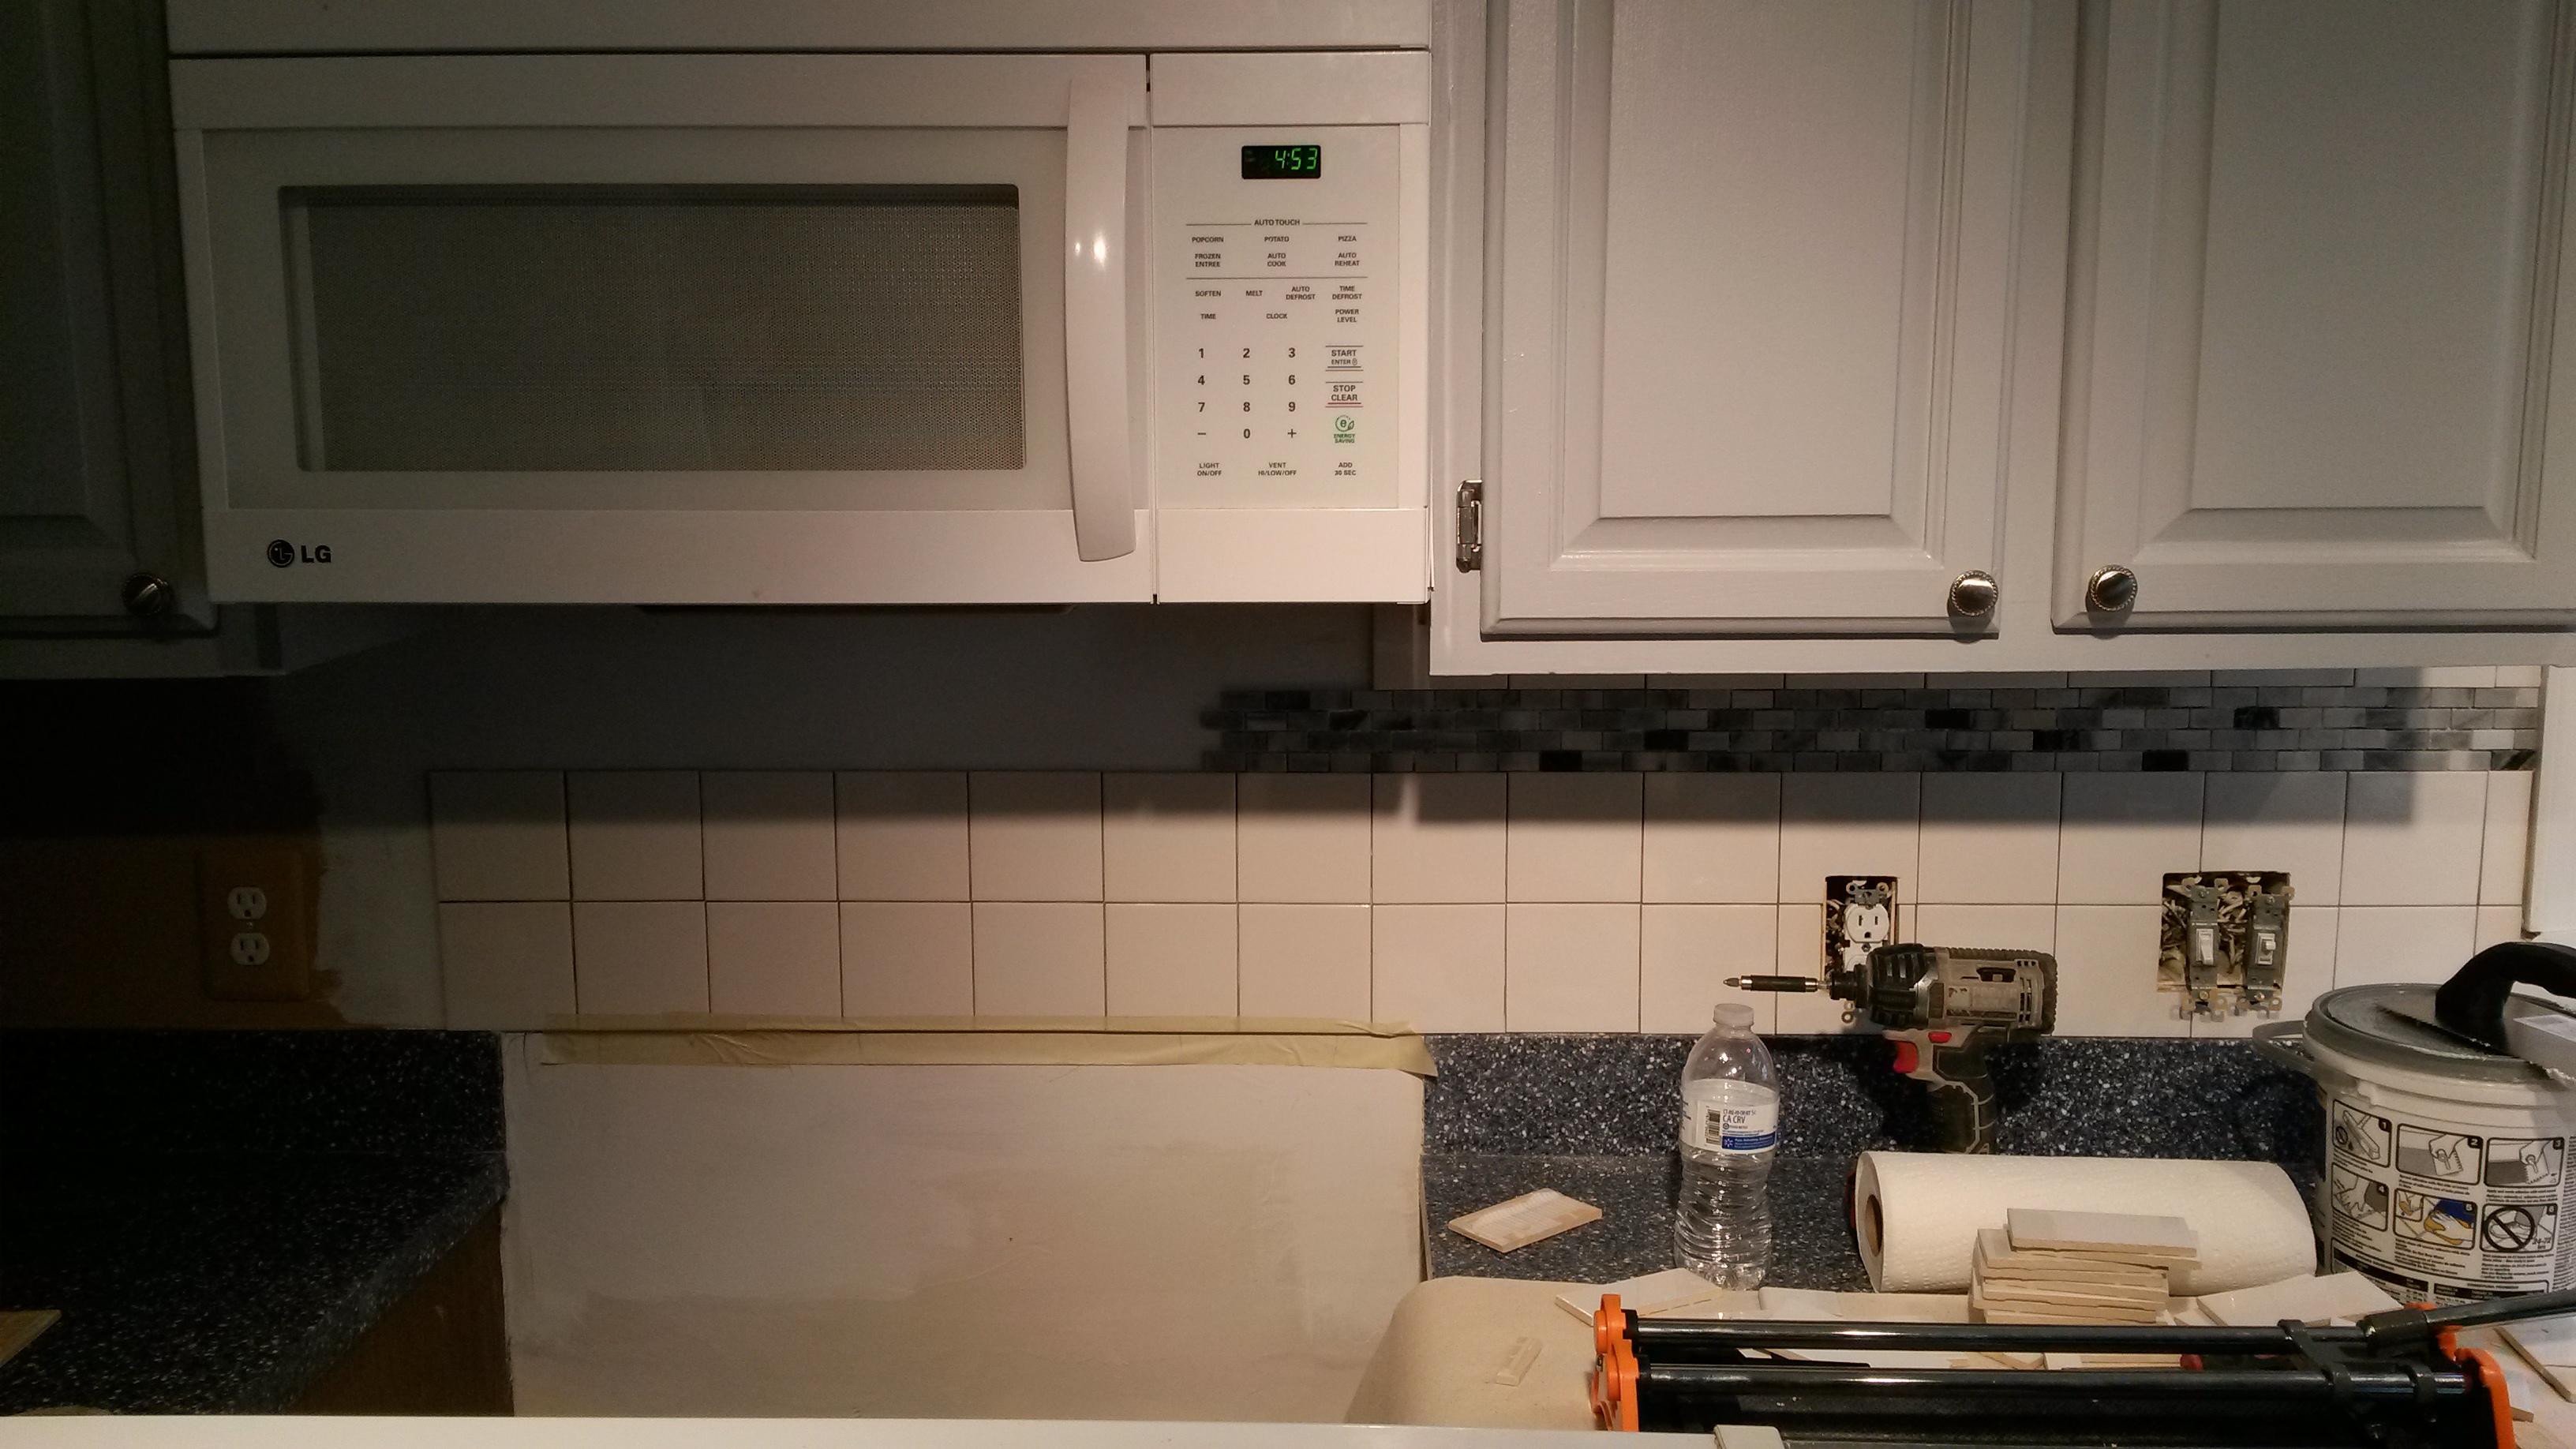 tile back splash installation6.jpg